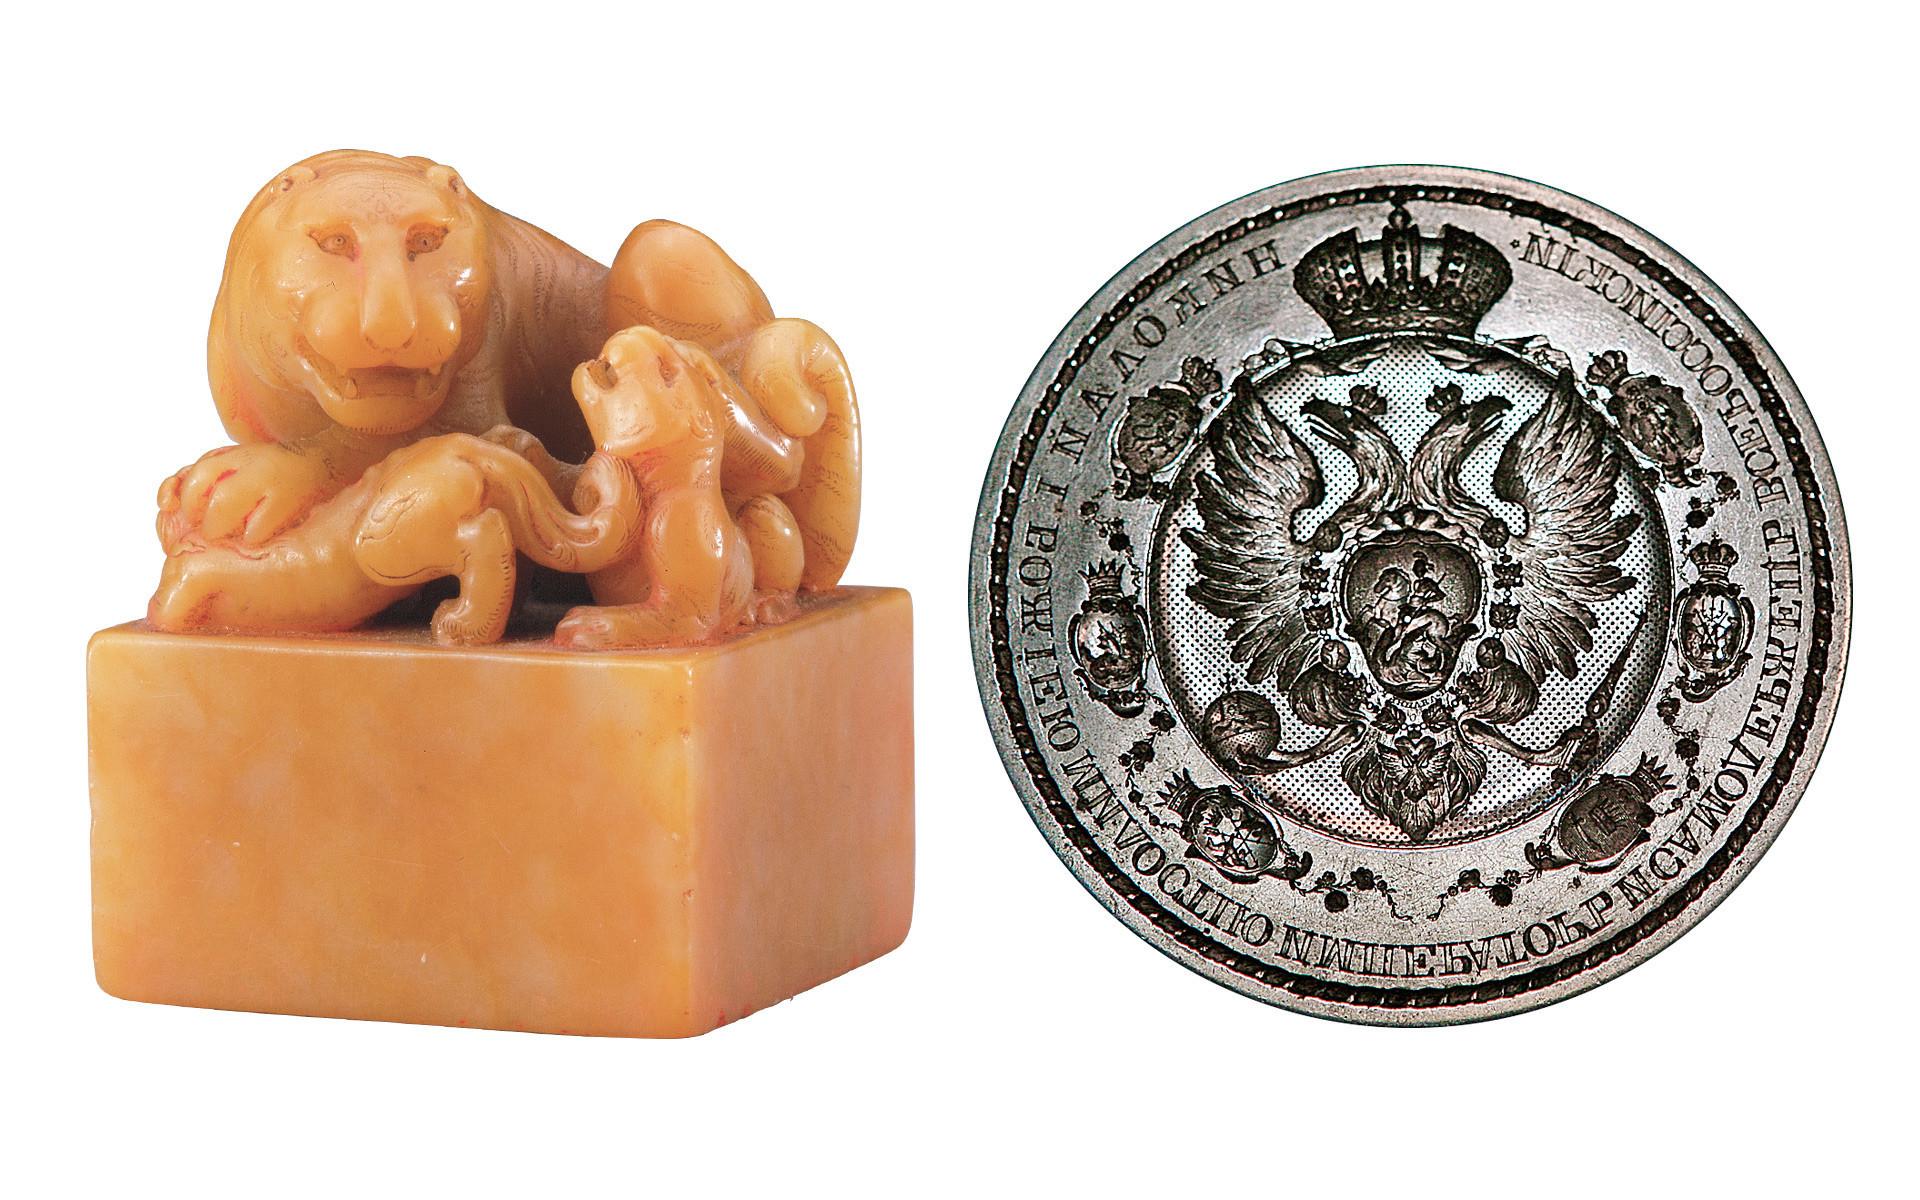 À esquerda, um selo imperial da era Qianlong. À direita, um selo estatal do Imperador Nikolai 1° da Rússia.